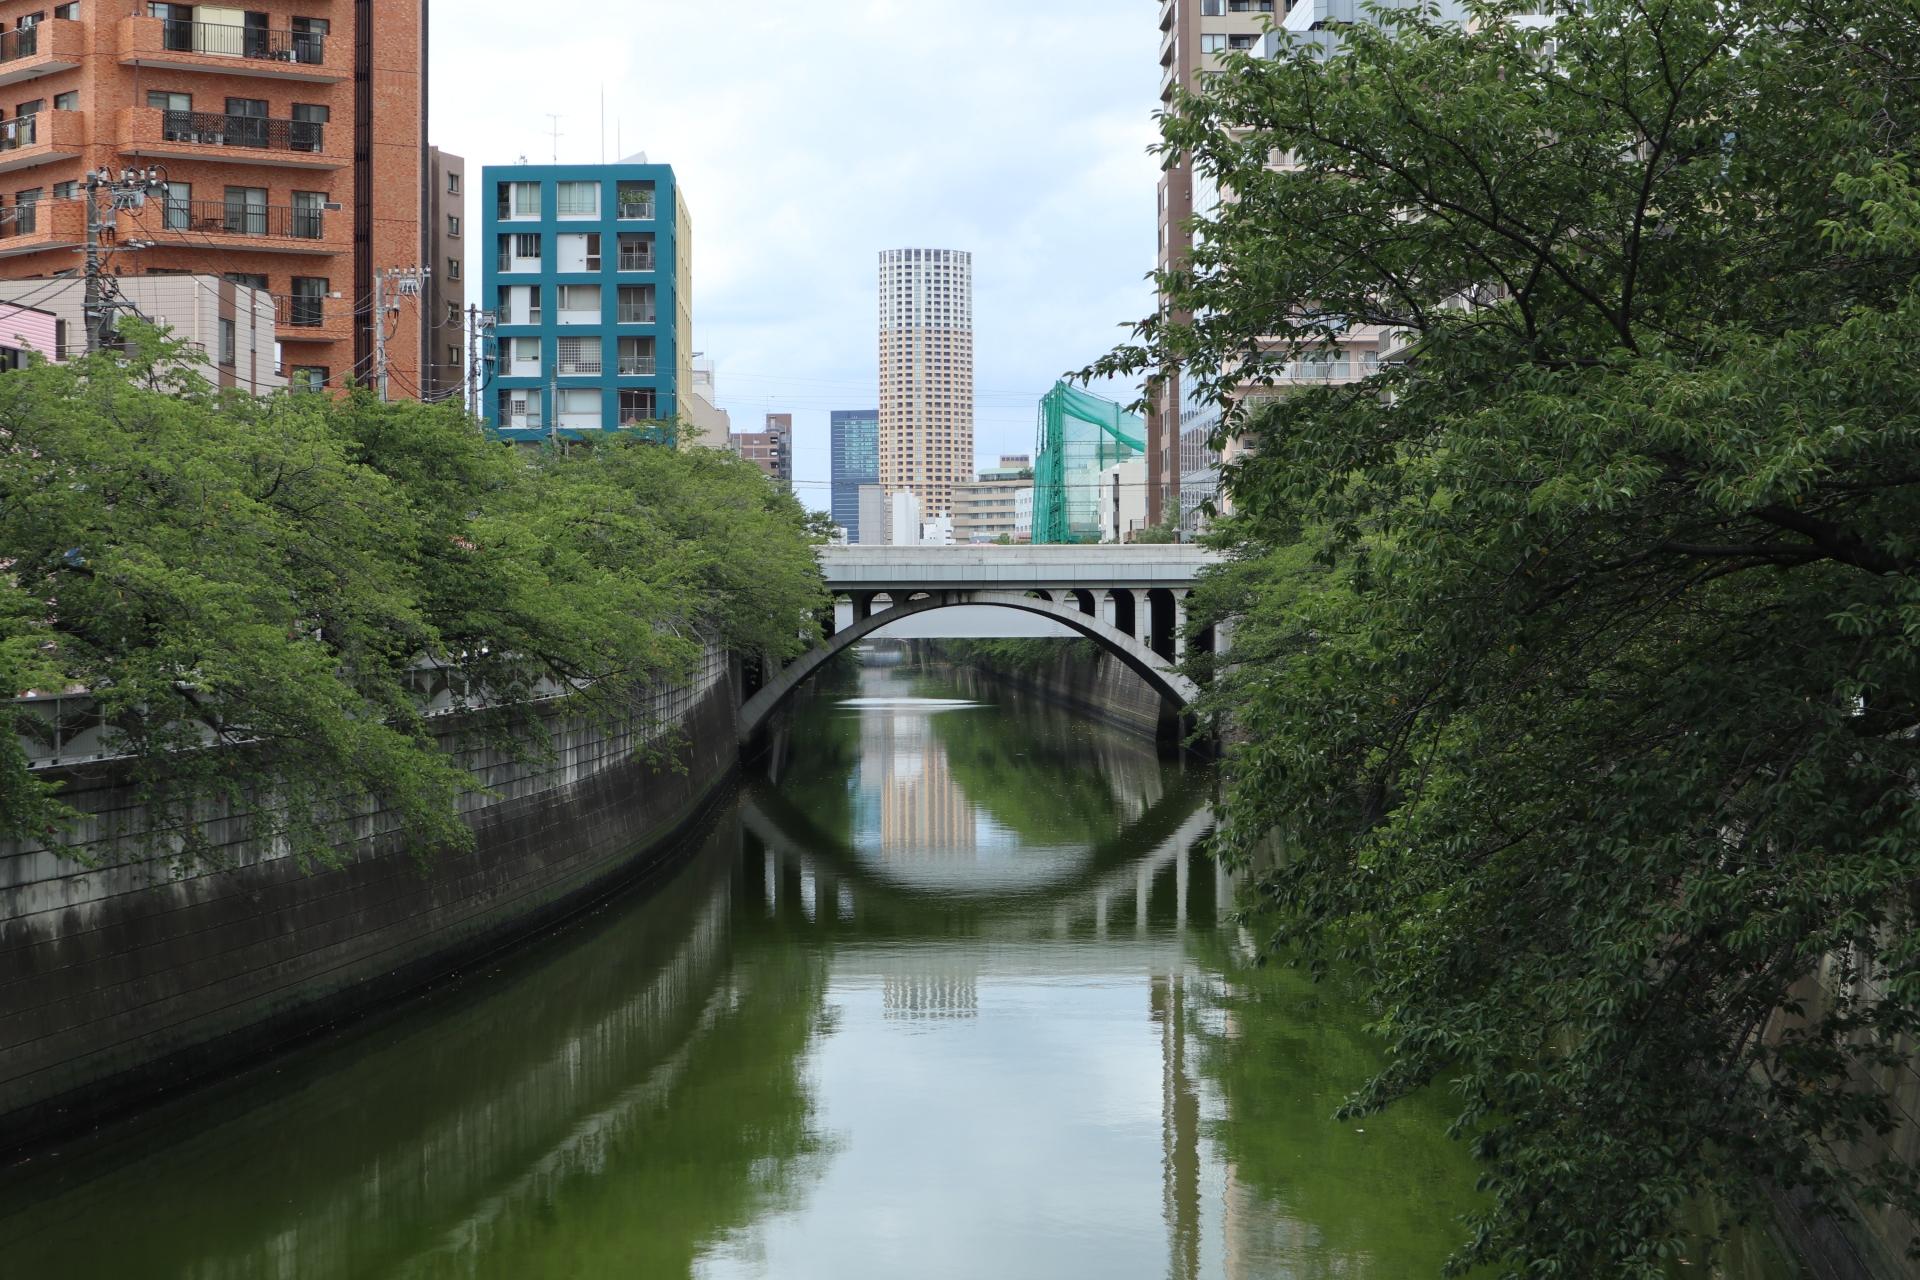 一度は東京に住んでいみたい!メリット・デメリットを紹介